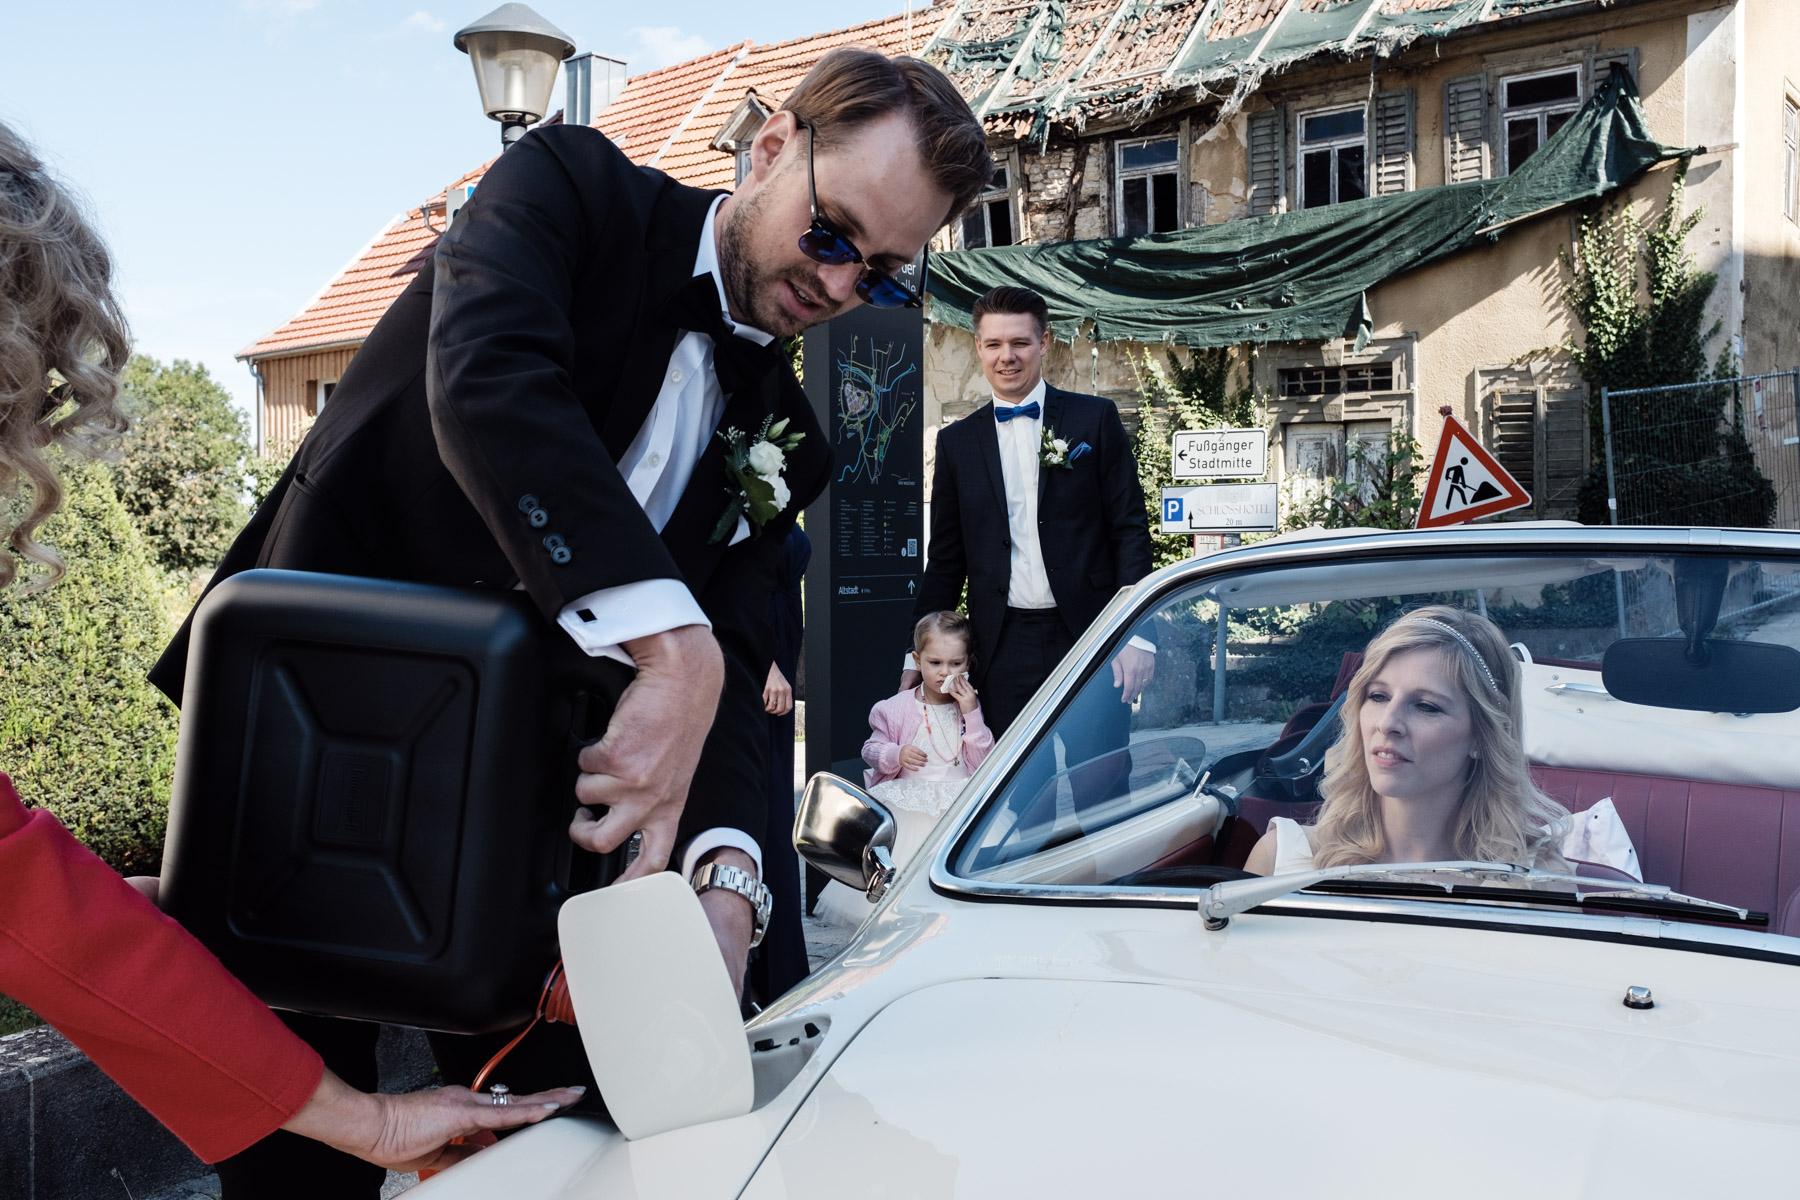 MartinLiebl_Kein_Hochzeitsfotograf_Blog_CWF_Bad_Neustadt_19.jpg